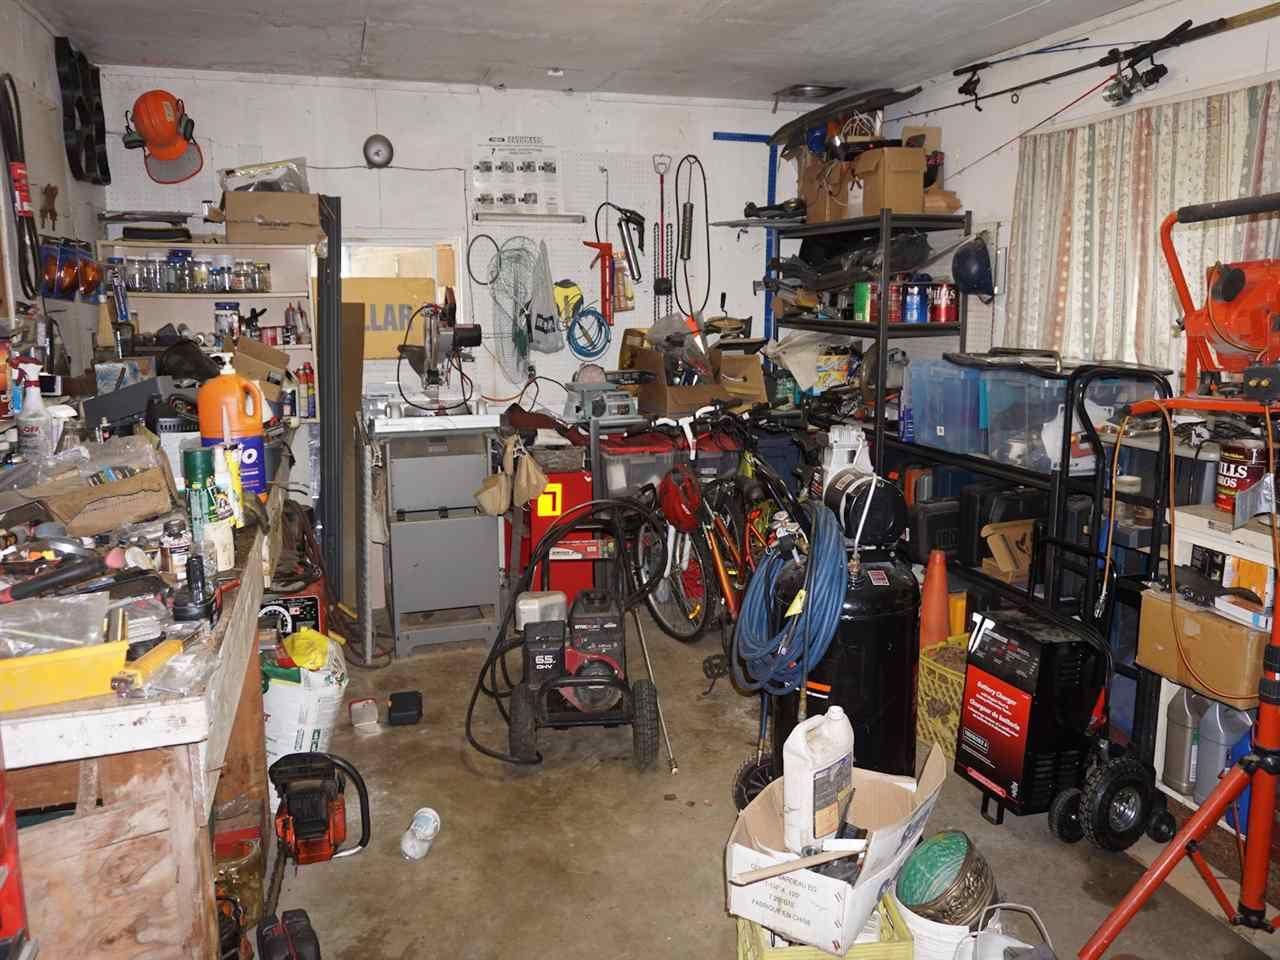 """Photo 20: Photos: 10405 MCGRATH Road in Rosedale: Rosedale Popkum House for sale in """"ROSEDALE POPKUM"""" : MLS®# R2093180"""